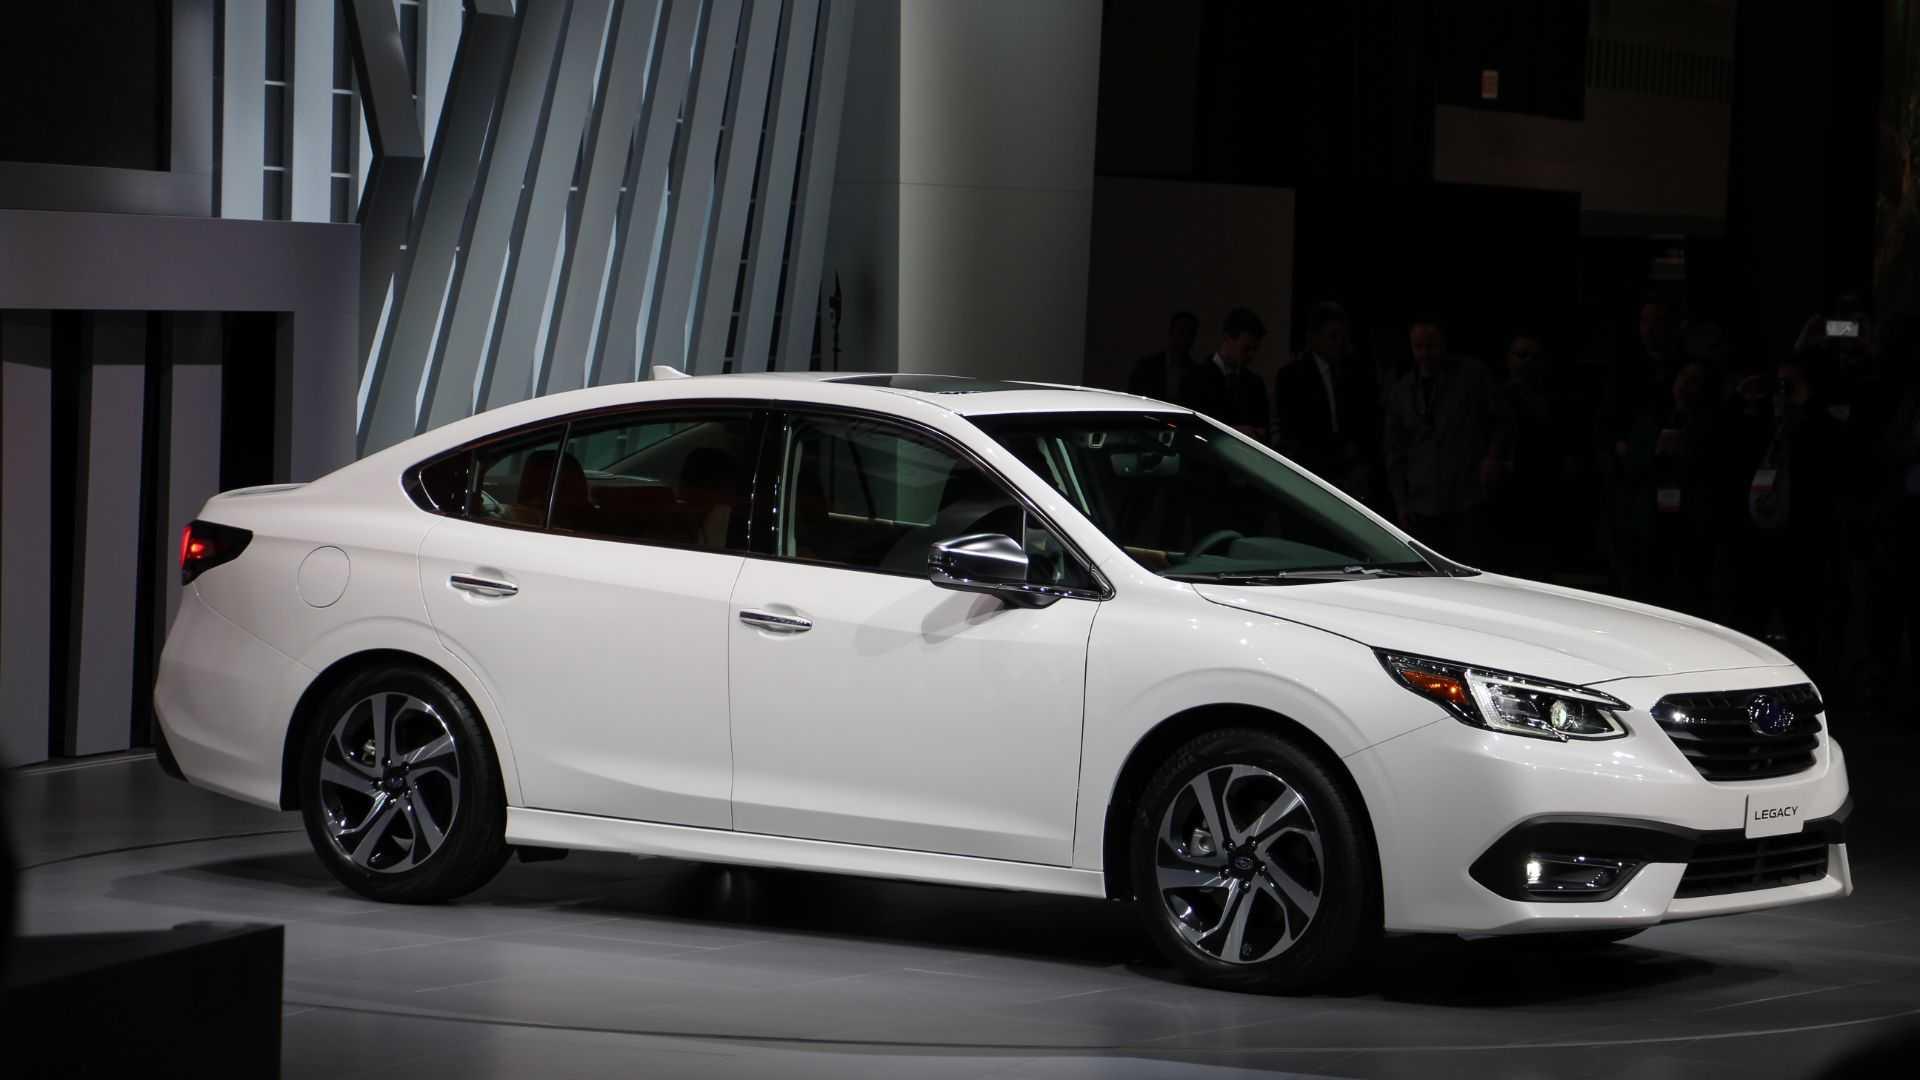 97 Great Subaru Legacy 2020 Japan Rumors for Subaru Legacy 2020 Japan